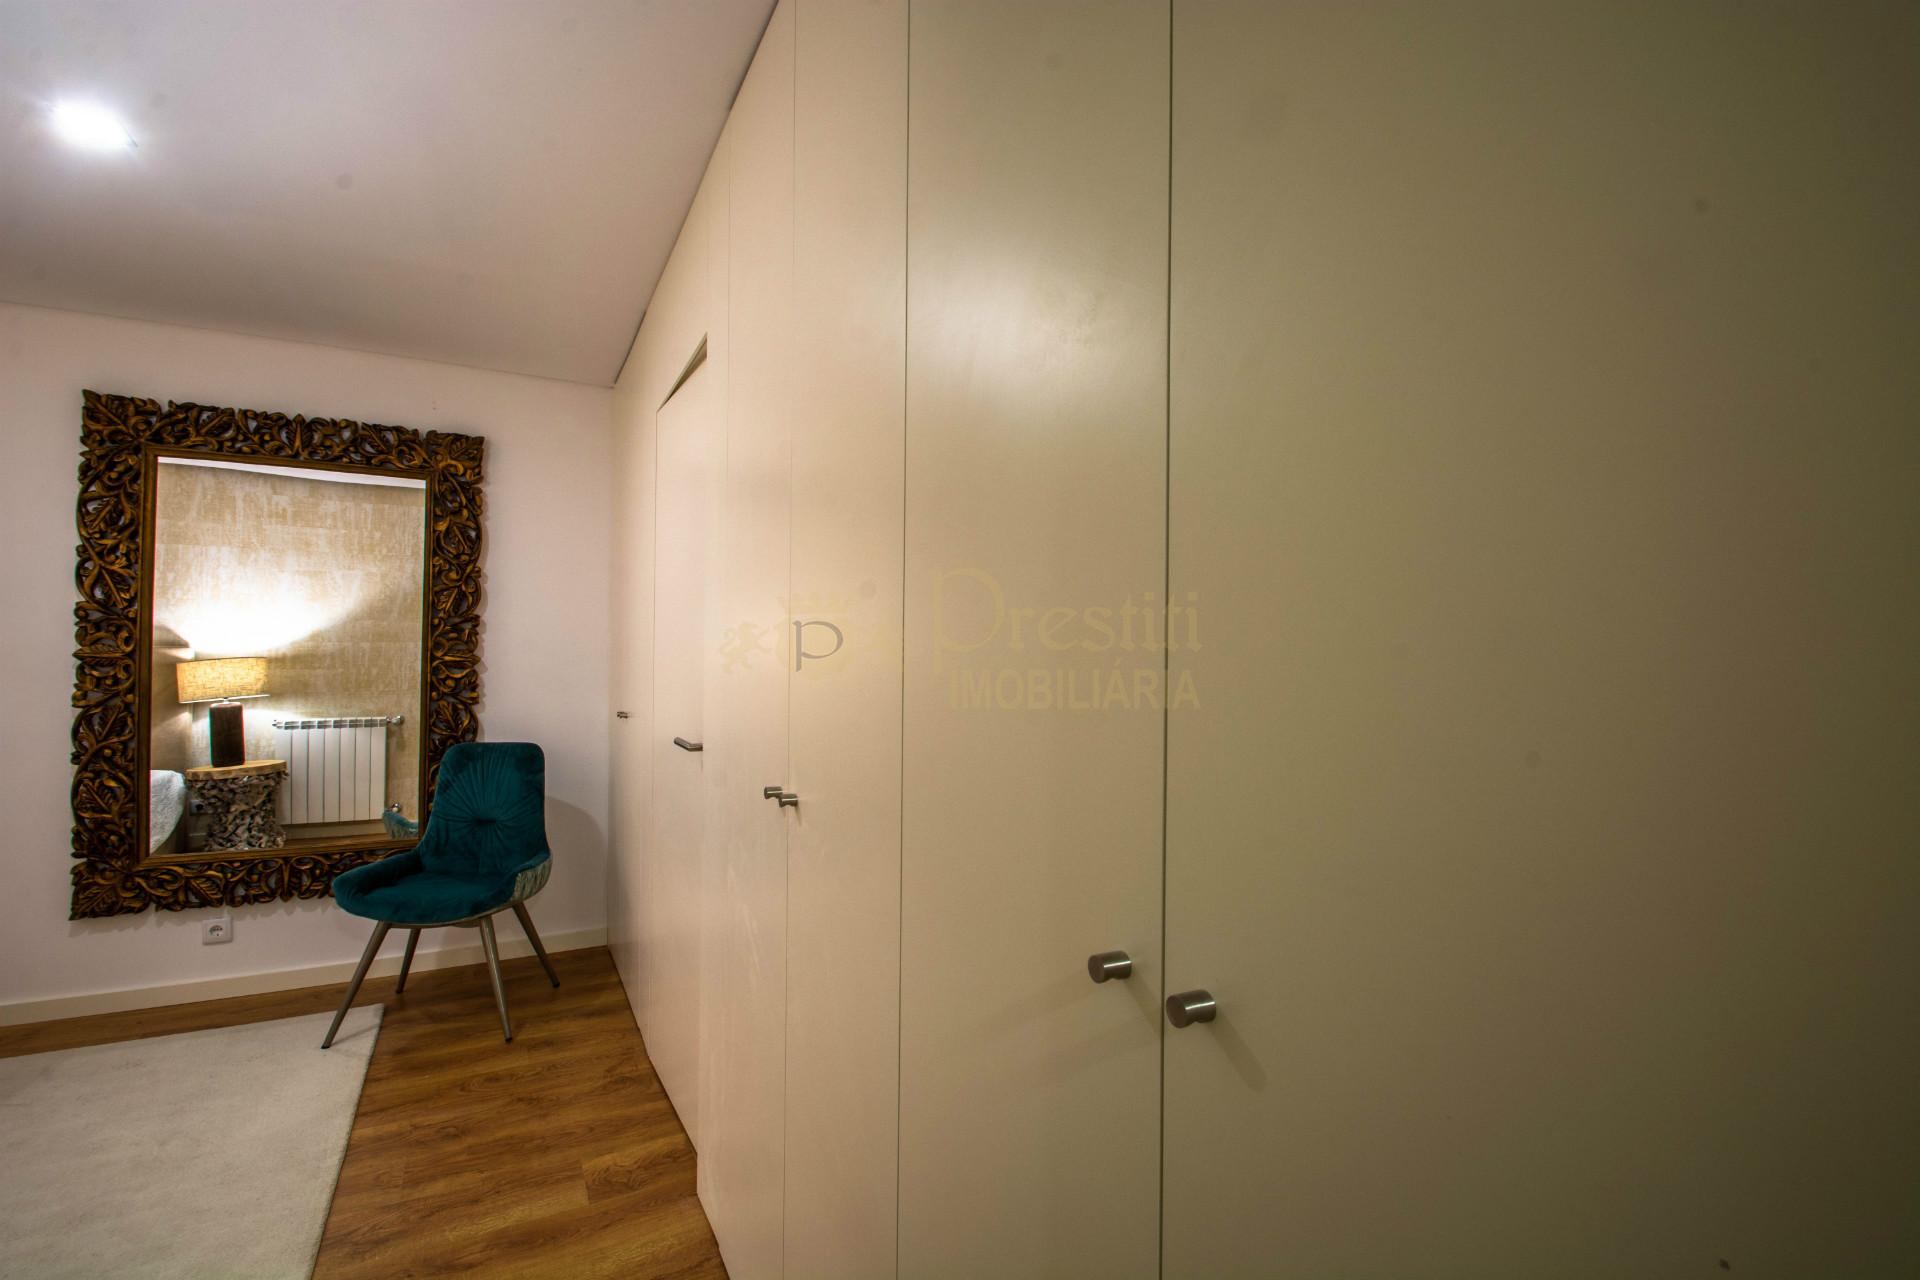 Квартира T3